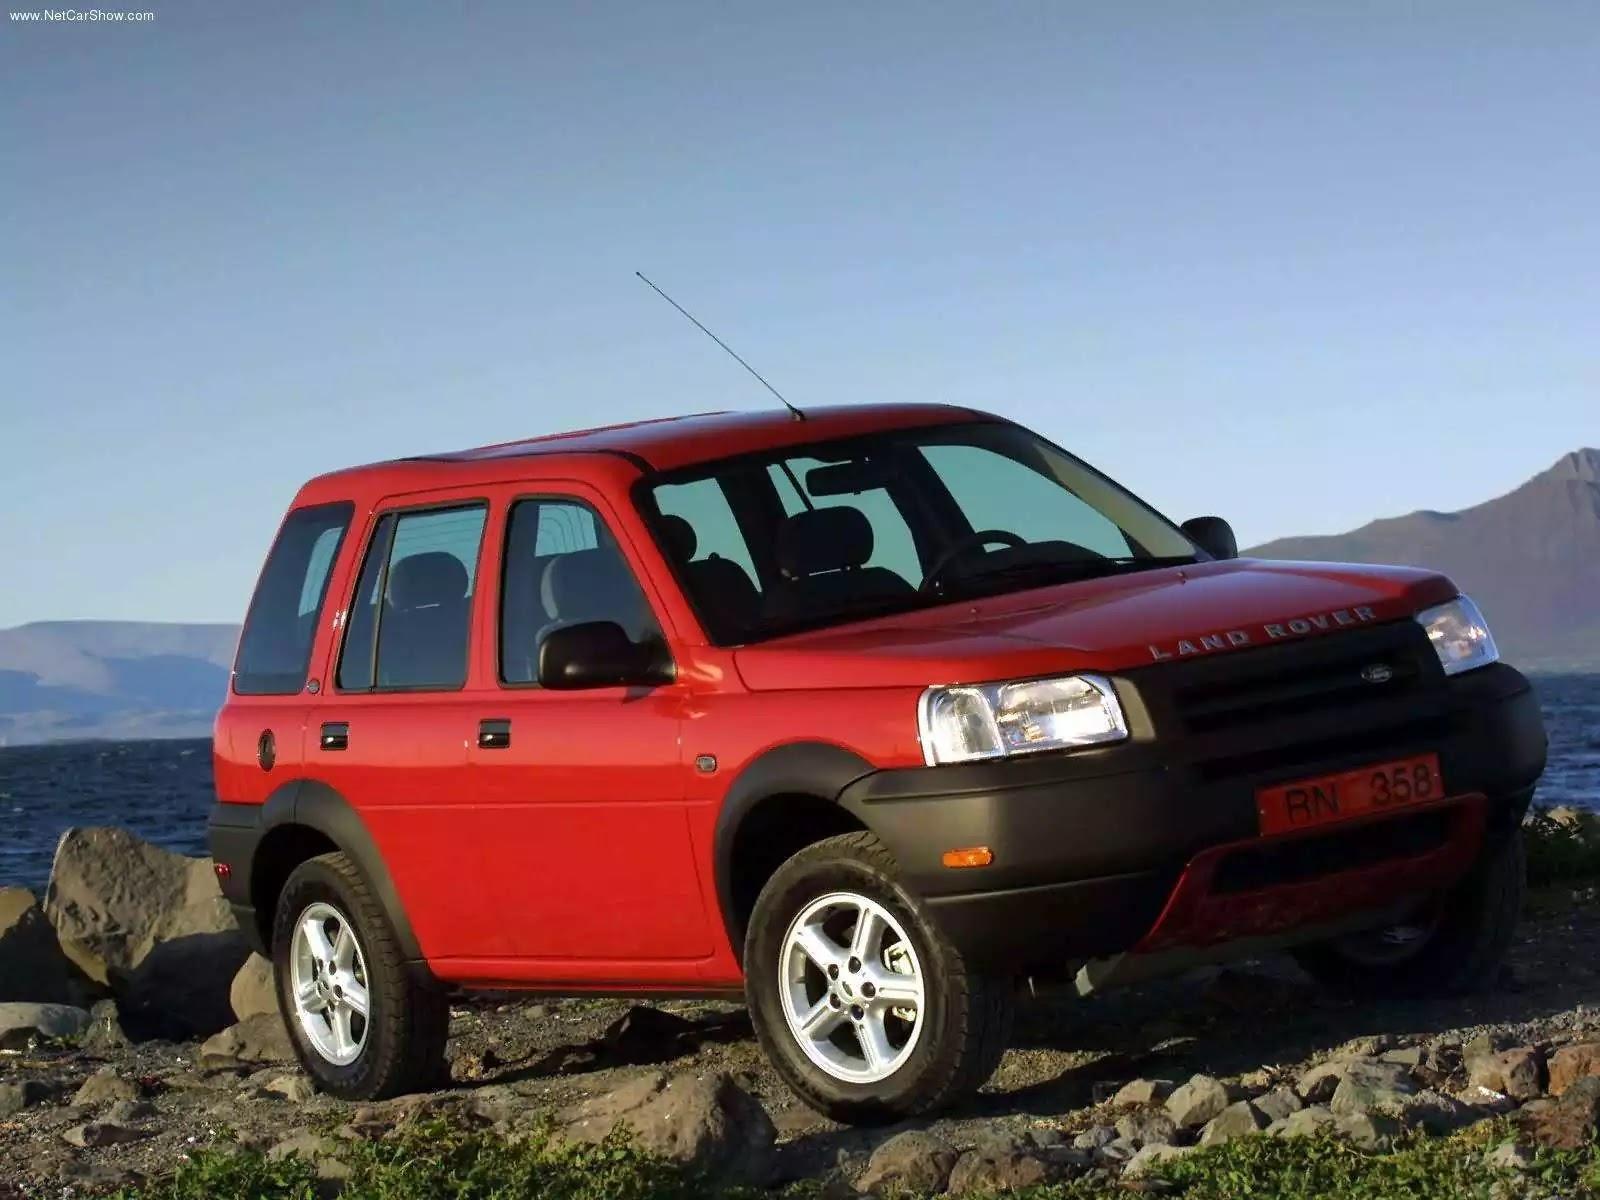 Hình ảnh xe ô tô Land Rover Freelander 2002 & nội ngoại thất